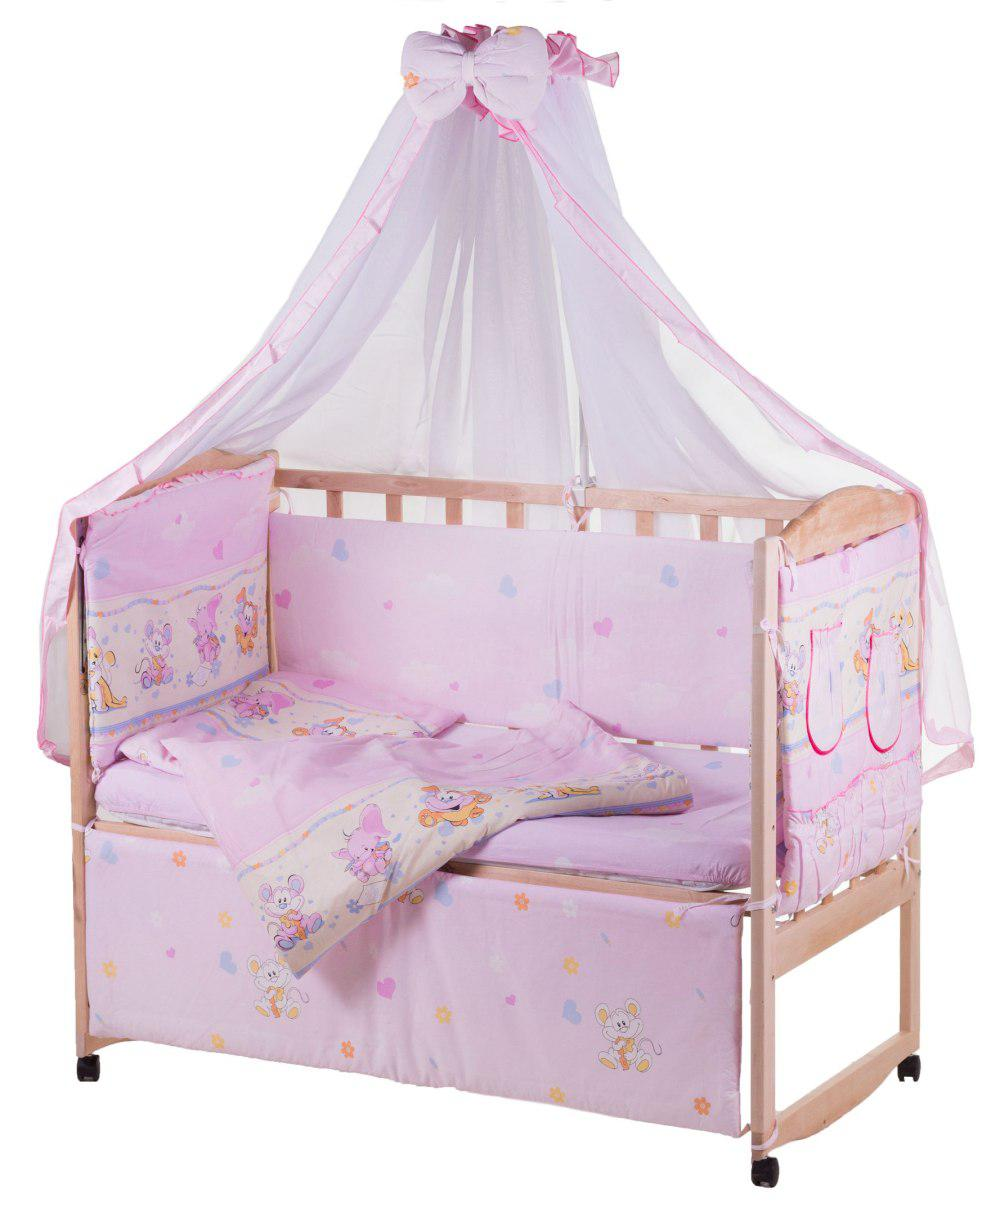 Детская постель Qvatro Lux  RL-08  розовая (мышки с сыром,слон,кот,собачки)